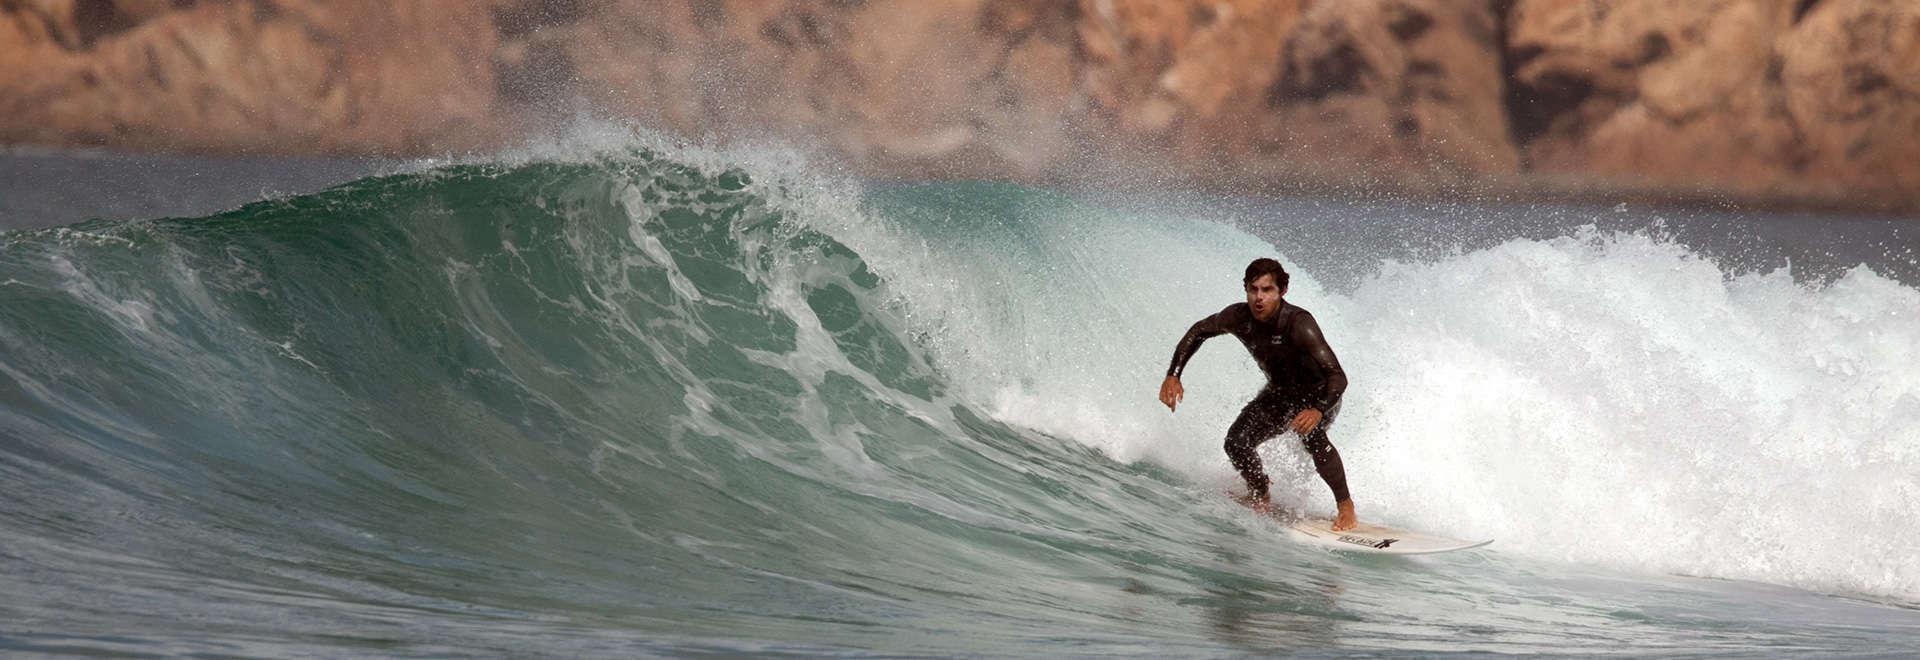 surf headhigh waves advanced surf lesson